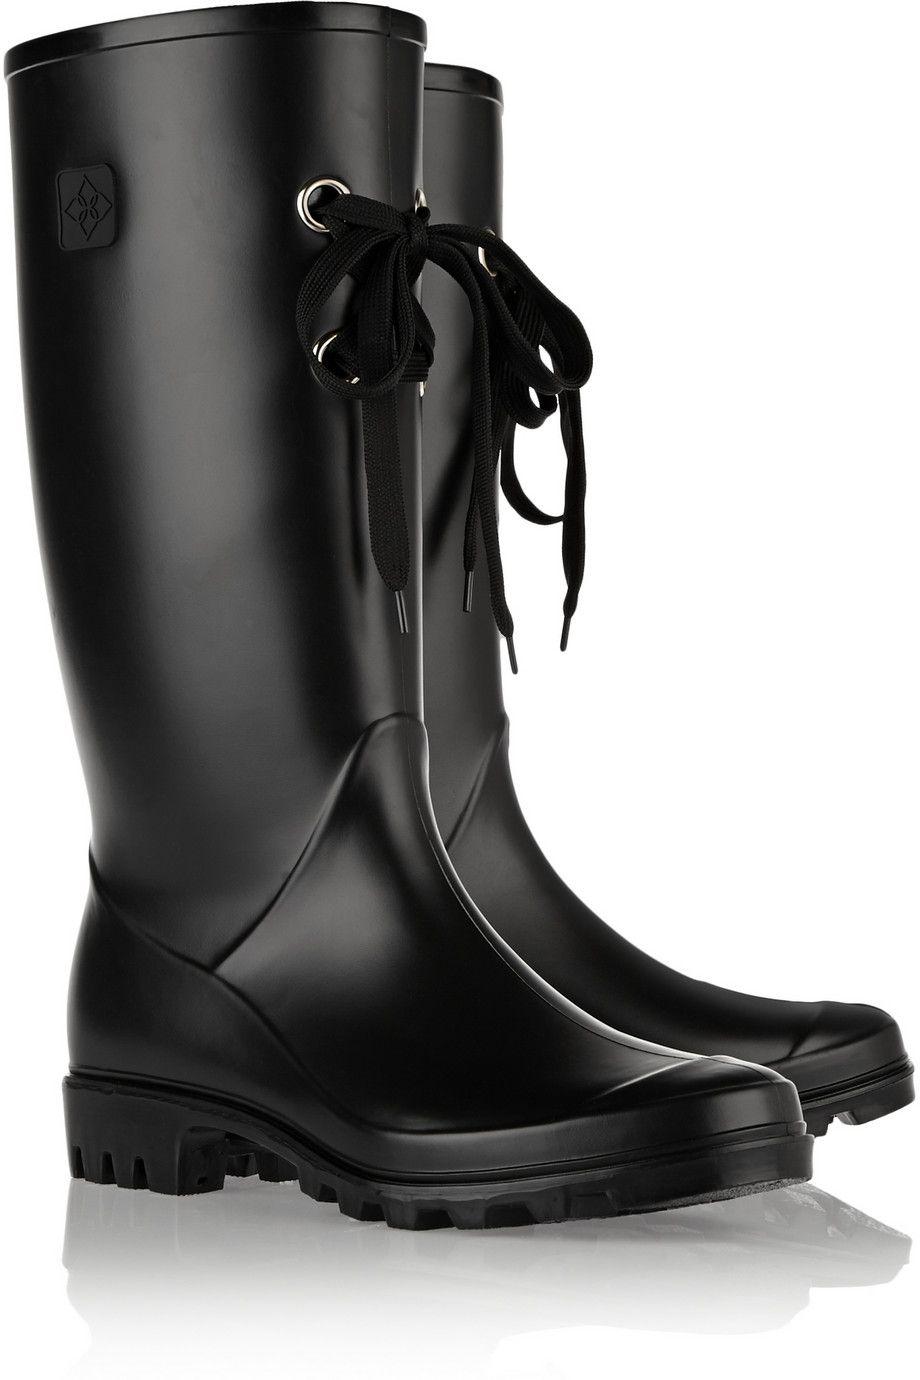 DävLug Lace rubber rain boots